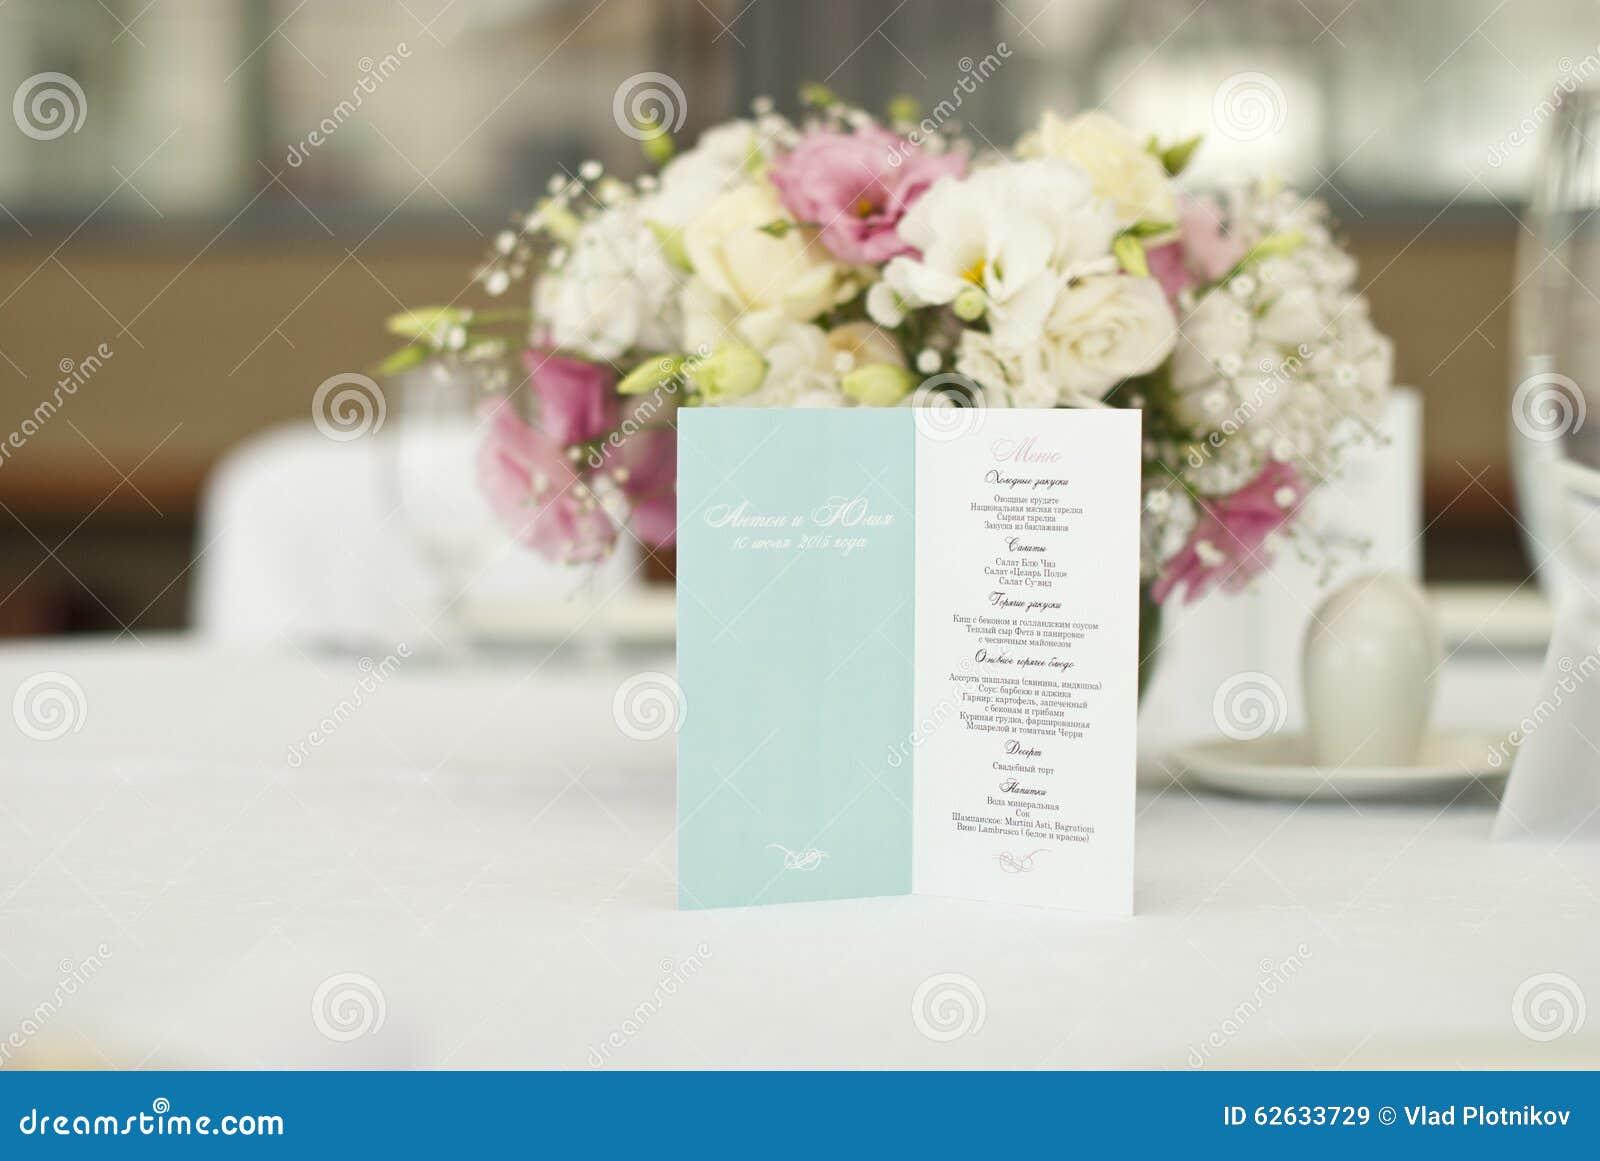 Menükarte mit schönen Blumen auf Tabelle im Hochzeitstag